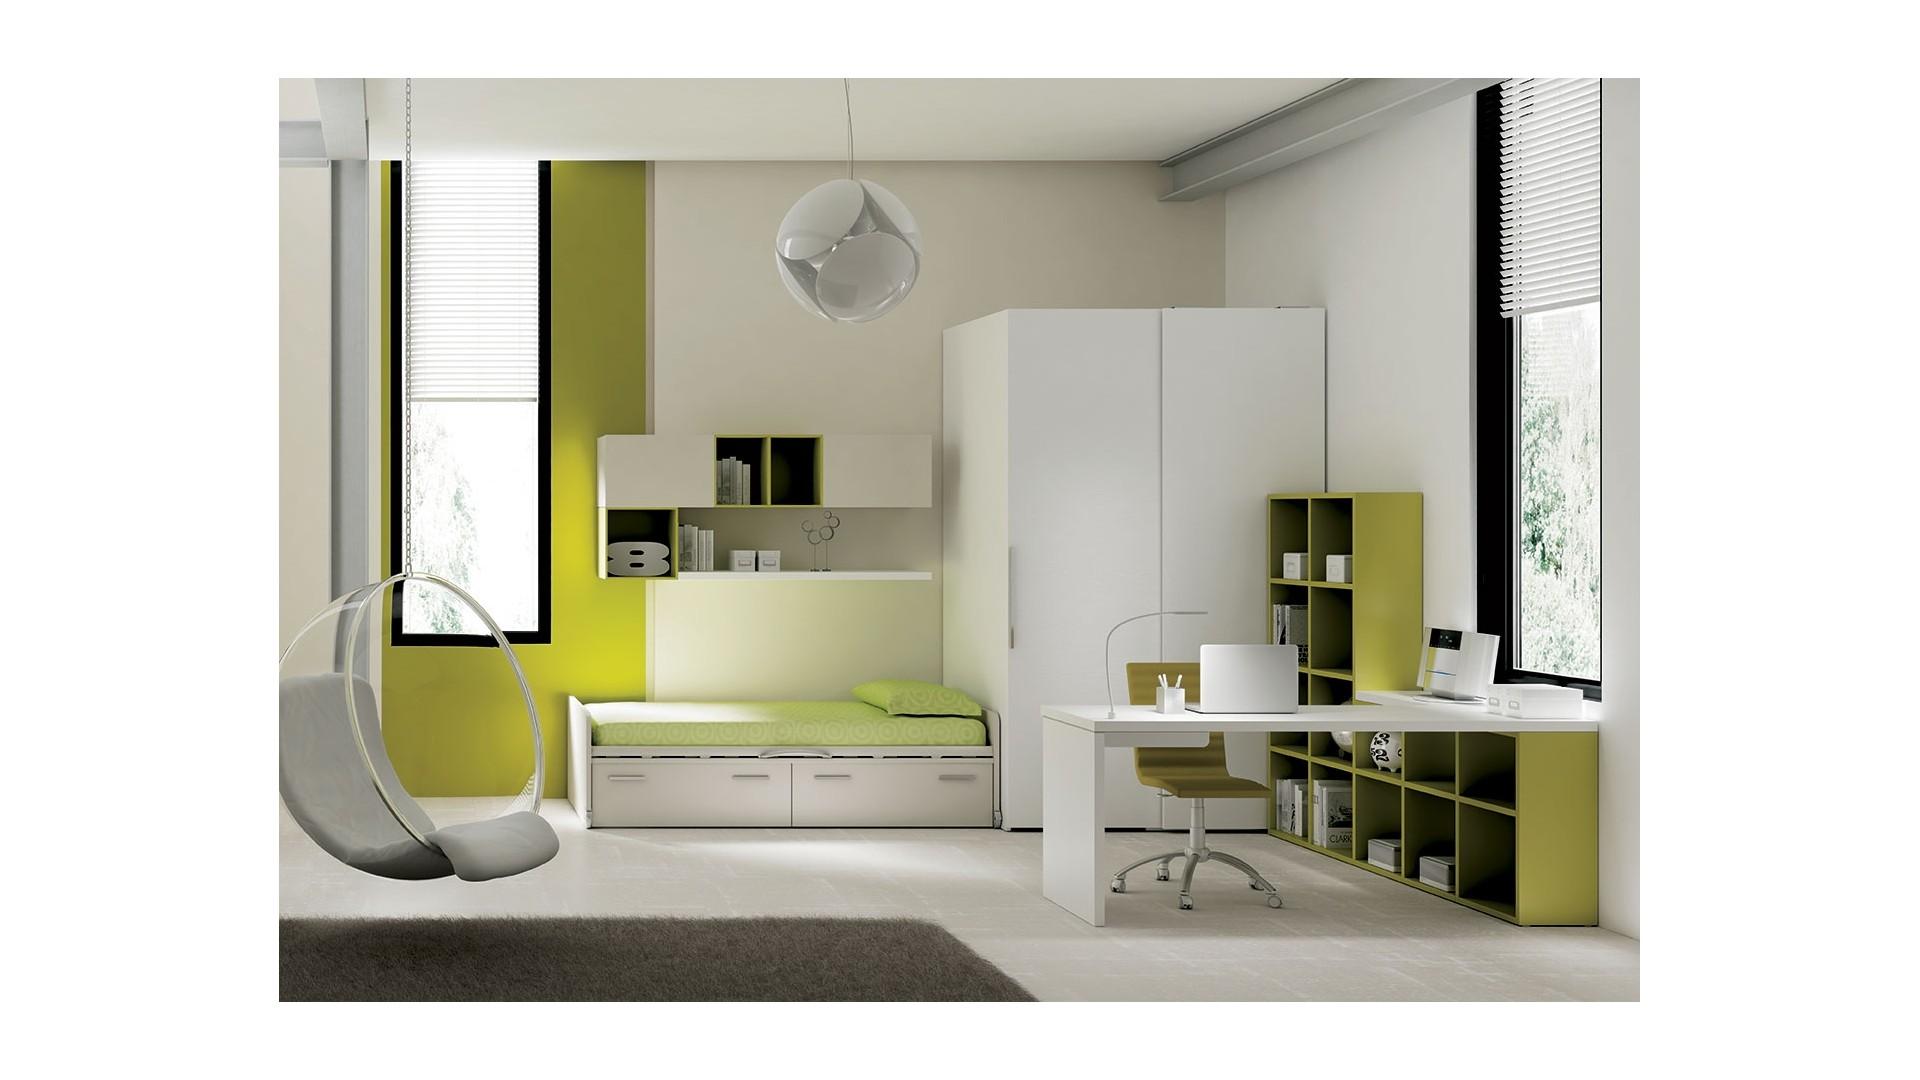 Chambre ado avec lit avec rangement moretti compact so for Chambre adulte complete venise ii sans tiroir lit